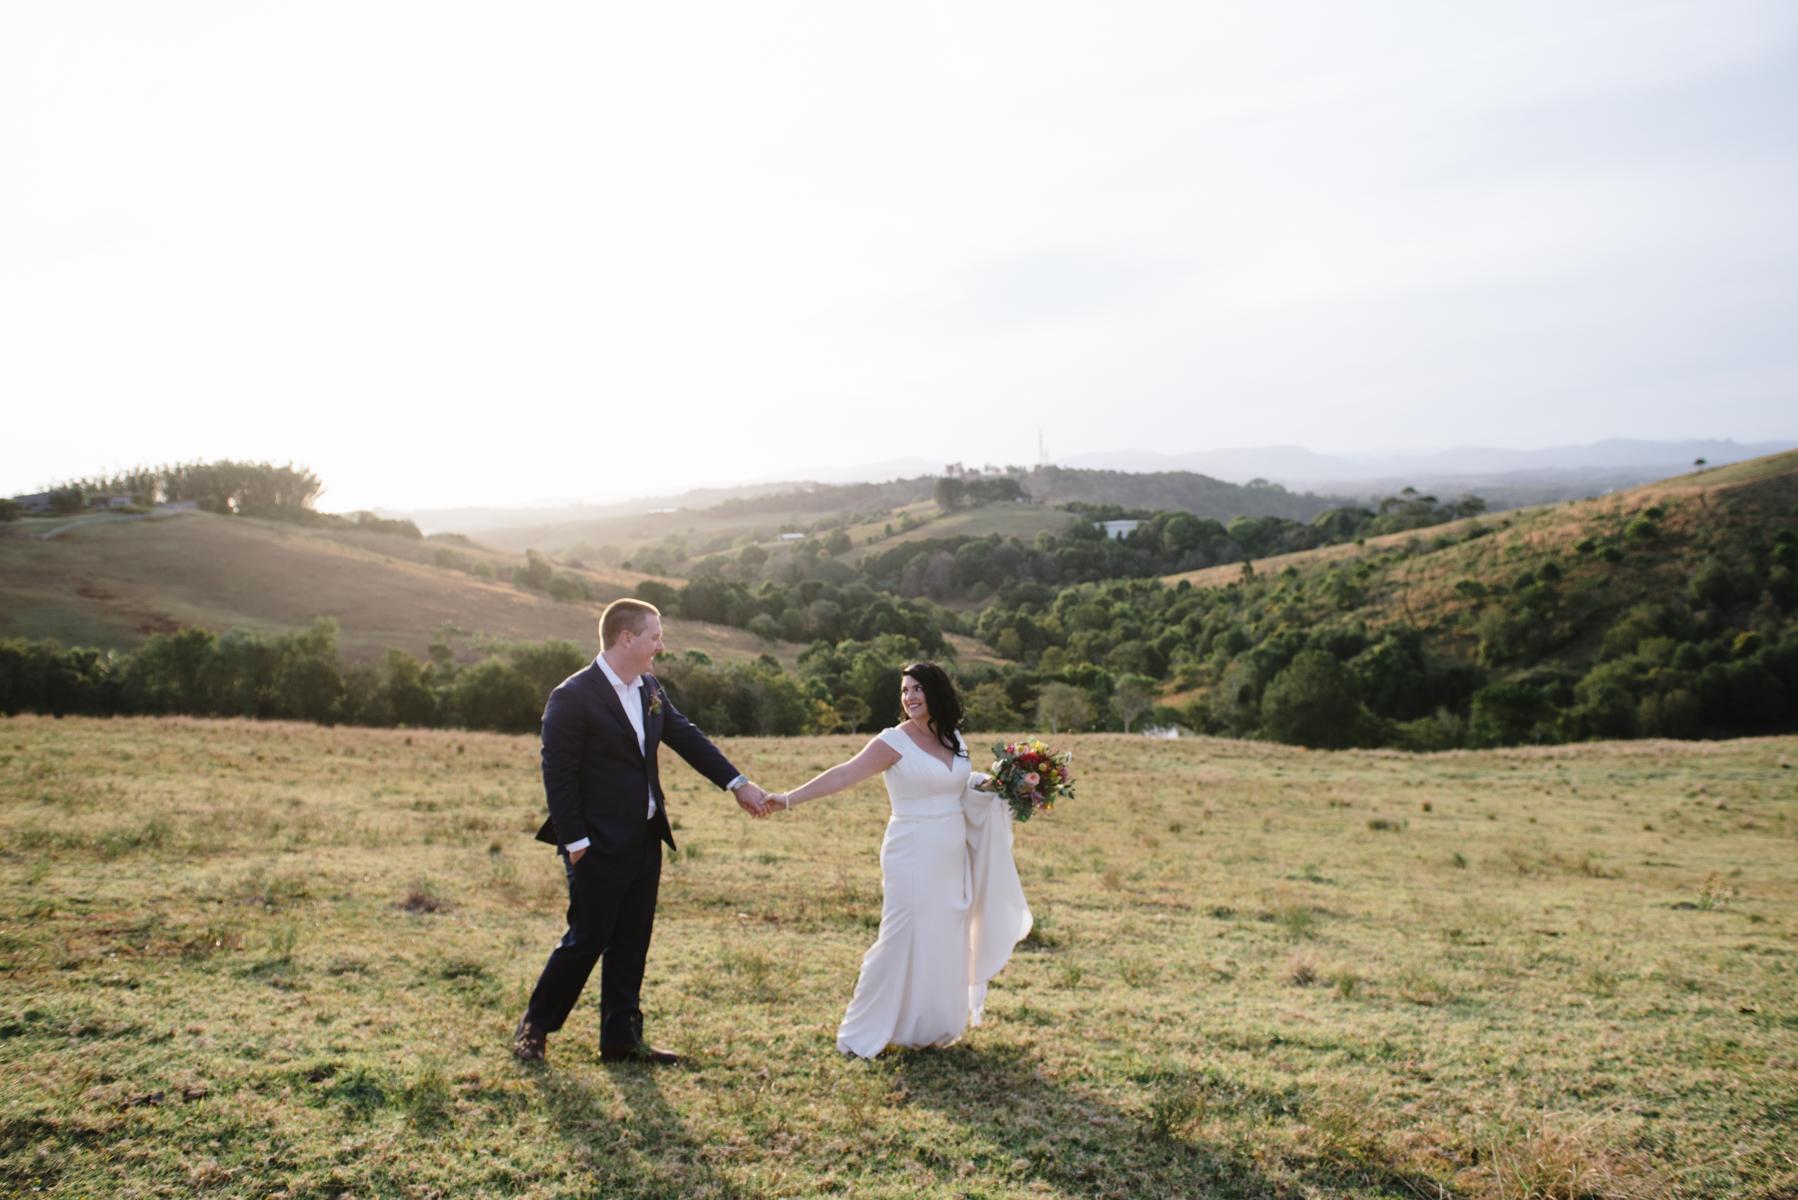 sarahandBenwedding- skyla sage photography weddings, families, byron bay,tweed coast,kingscliff,cabarita,gold coast-784.jpg